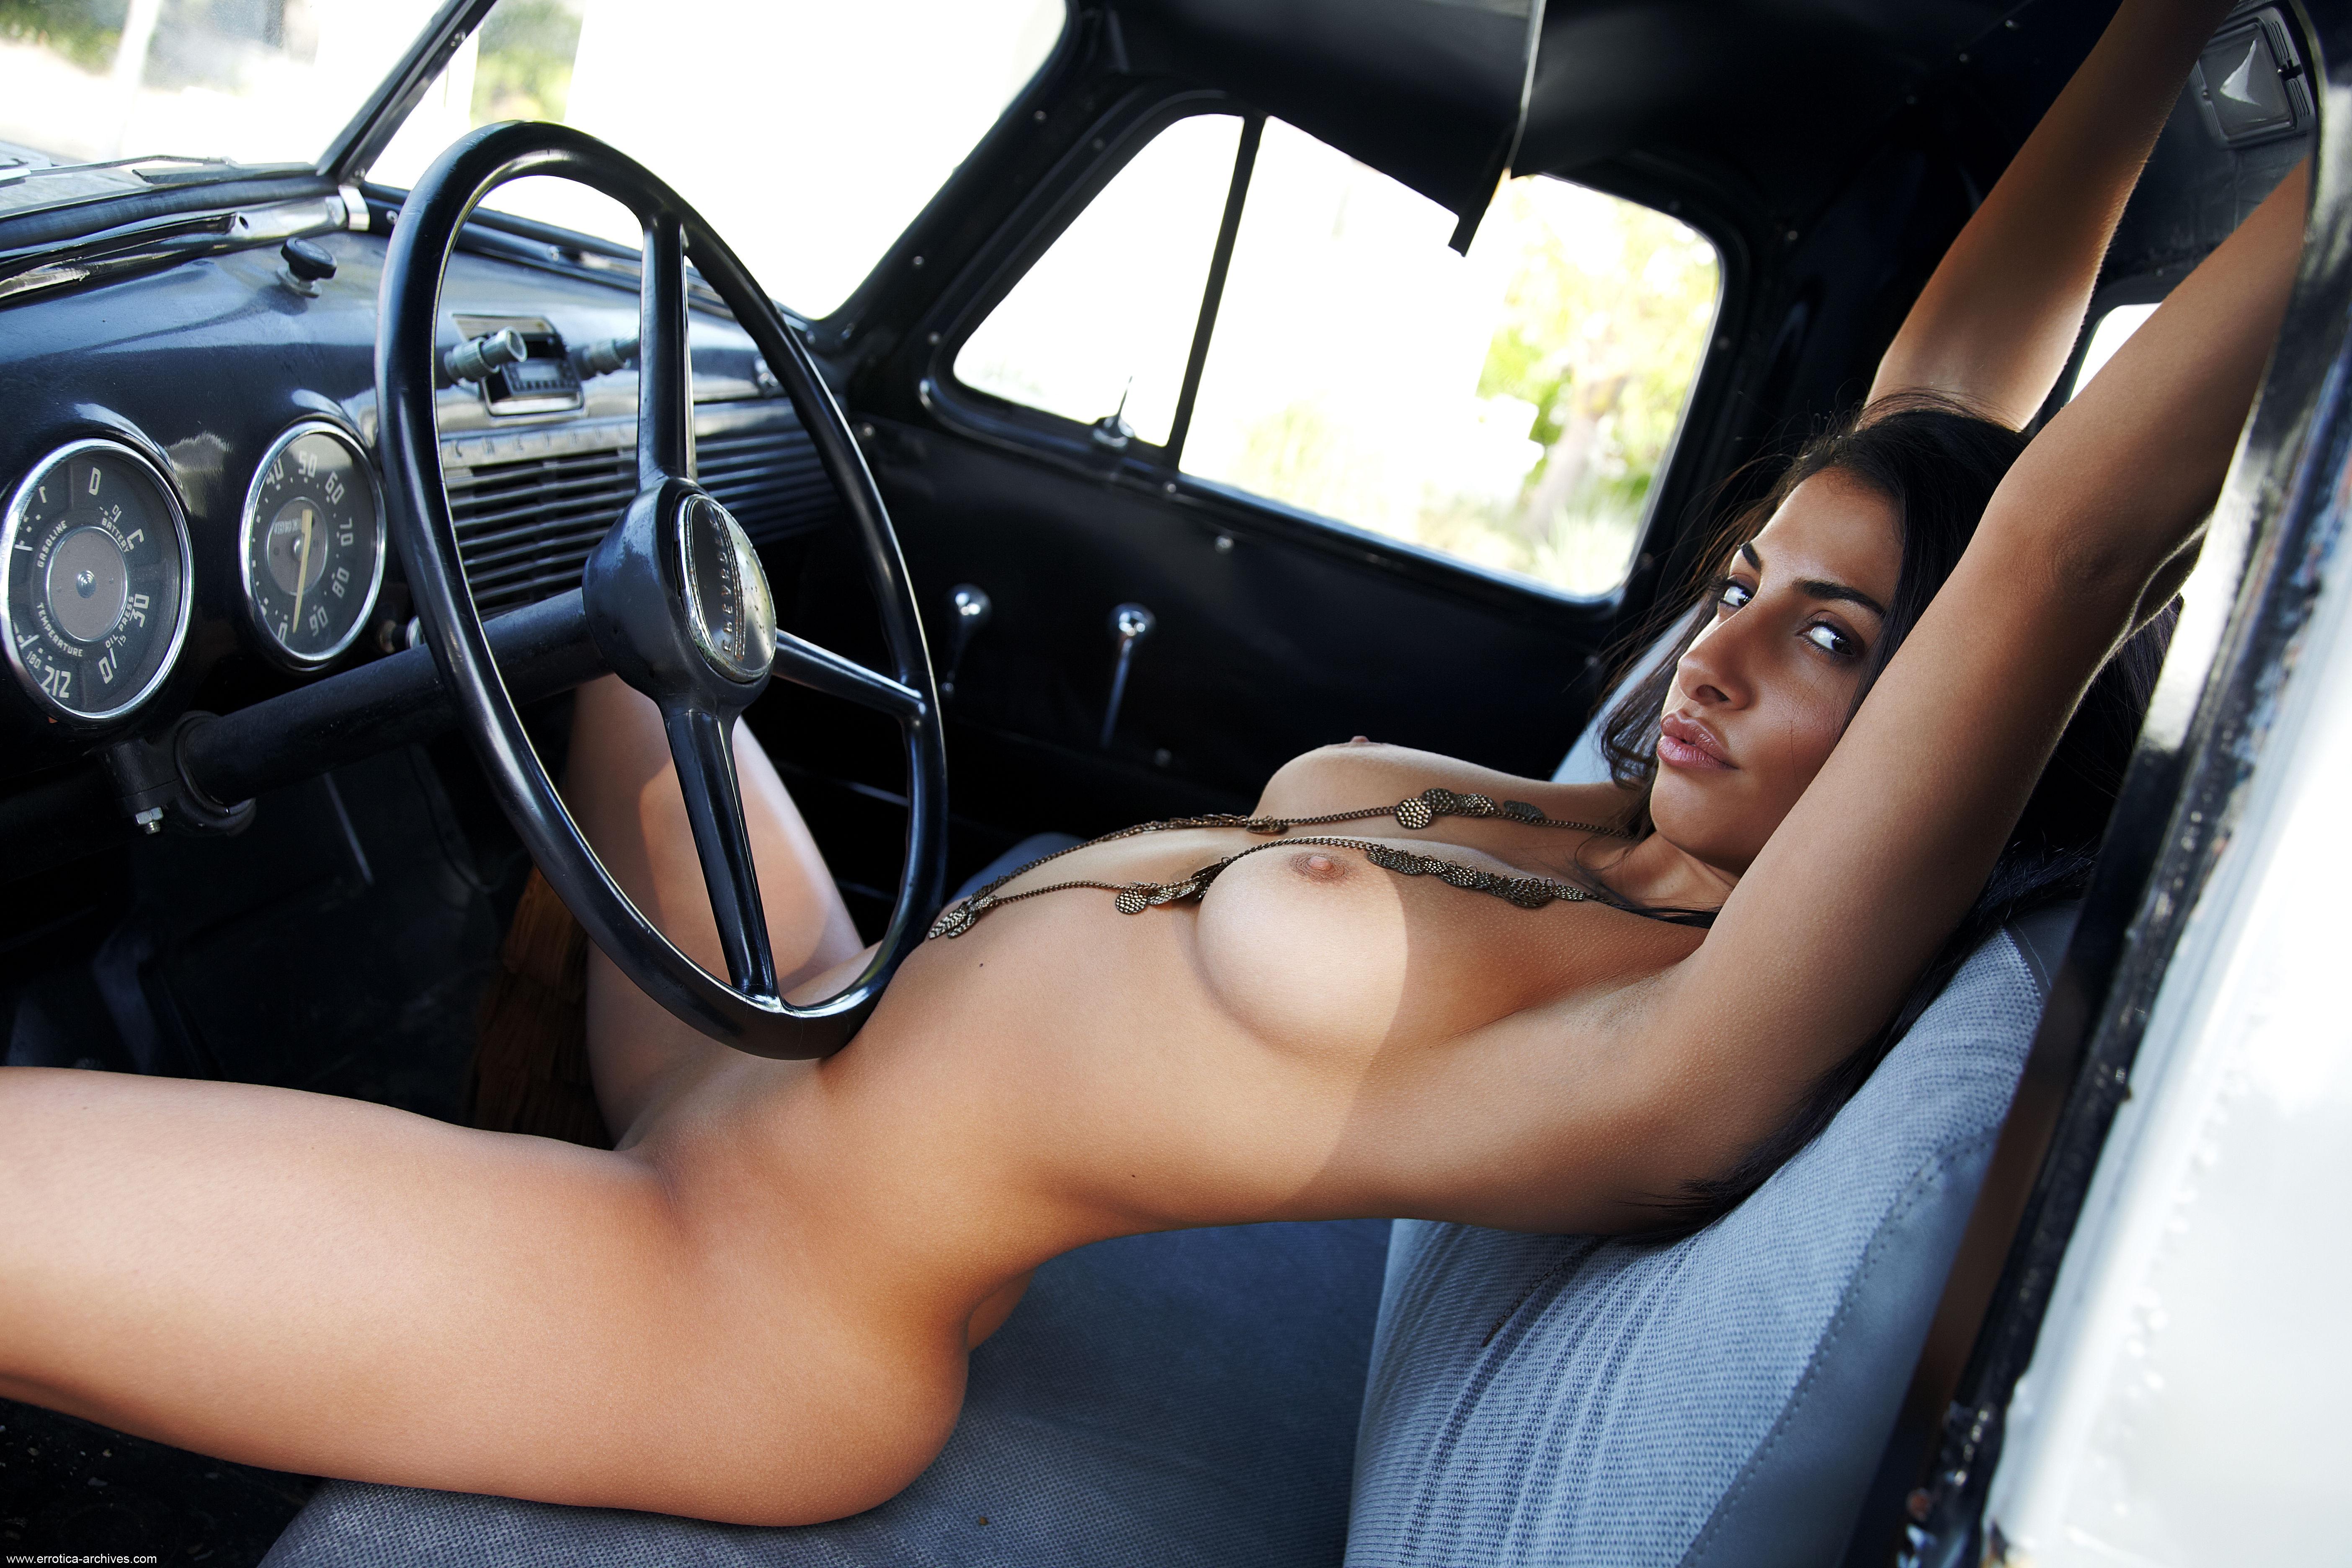 порно фото авто и девушек - 14